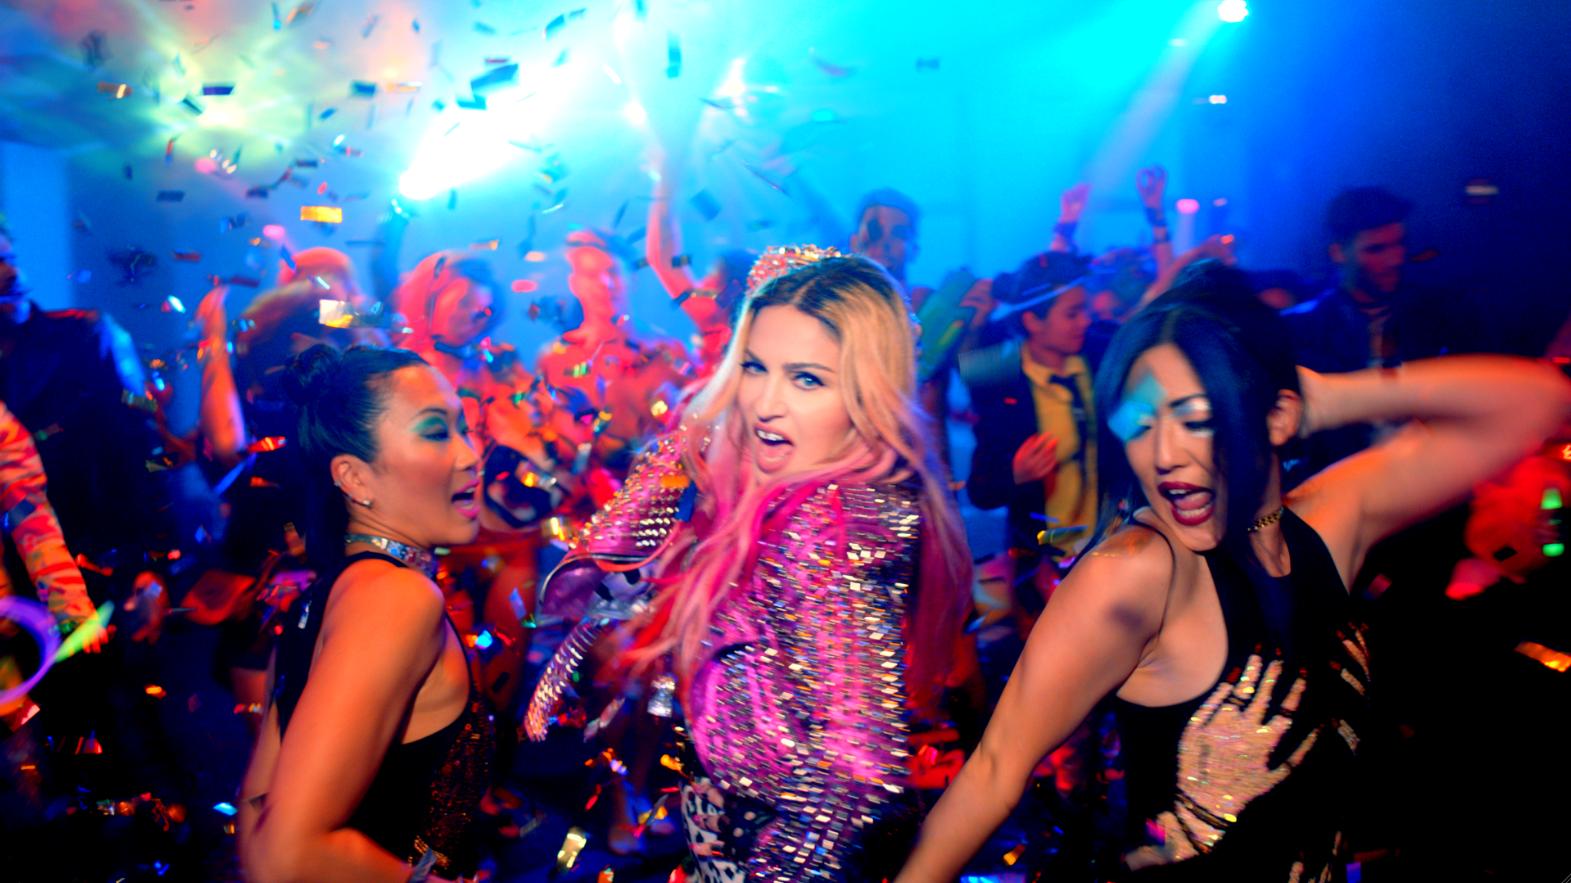 Чем на этот раз вызвала скандал Мадонна: развратная вечеринка с Бейонсе, Кэти Перри, Майли Сайрус и Ники Минаж - фото №1